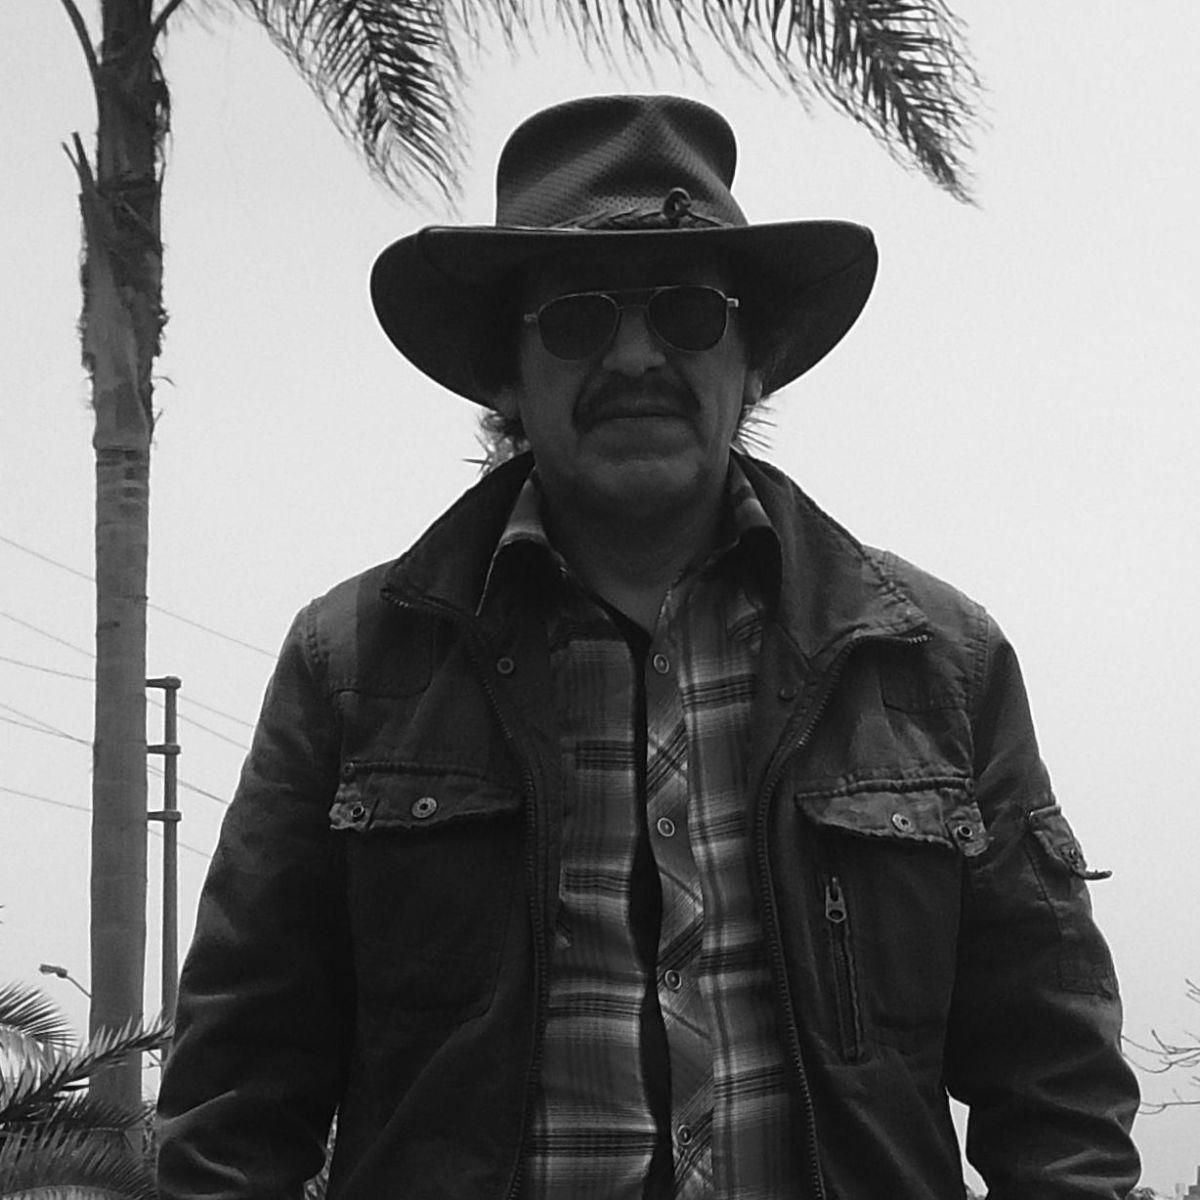 Jose Espejo Vasquez